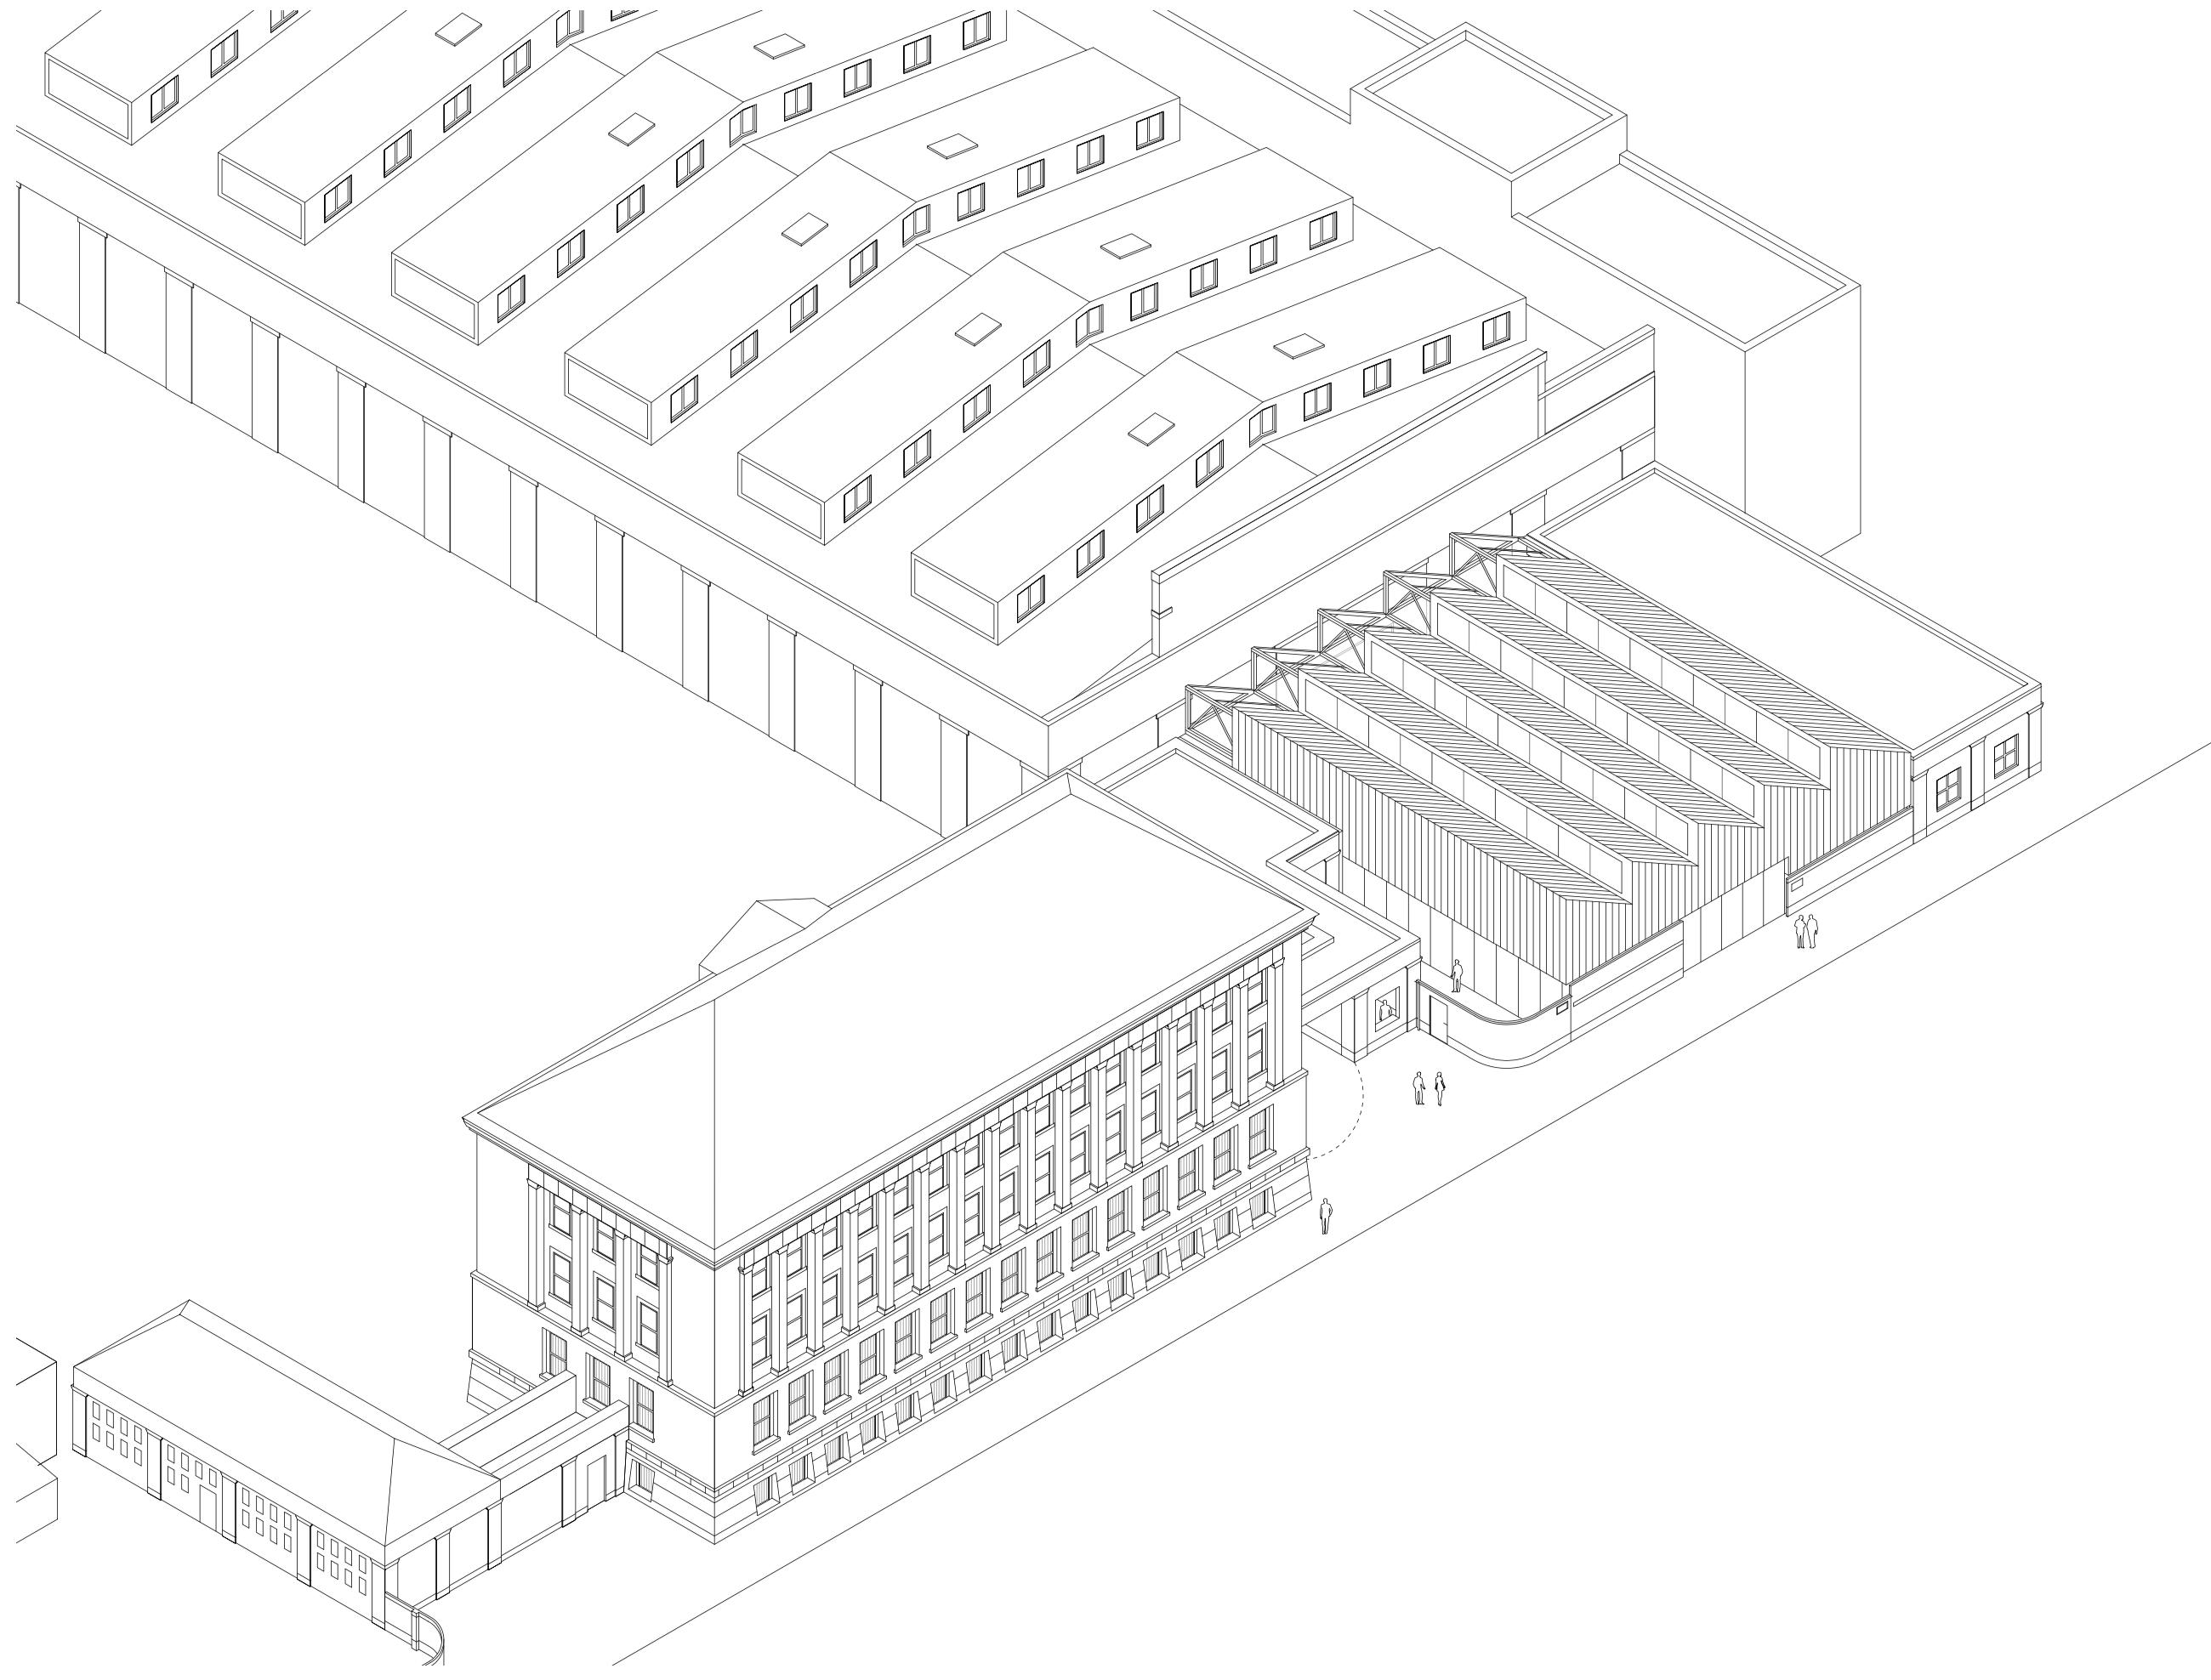 Rheinstahlhalle Axonometrie Tanja Lincke Architekten